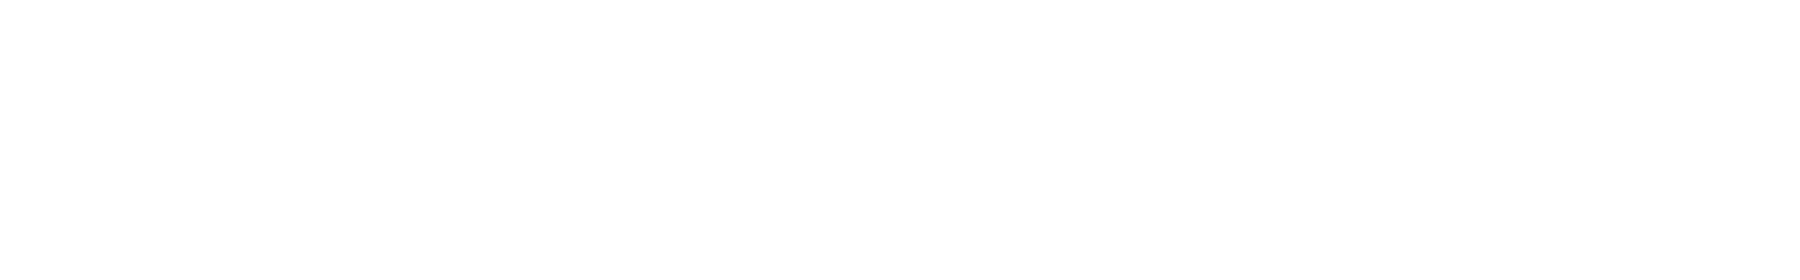 syn1 80